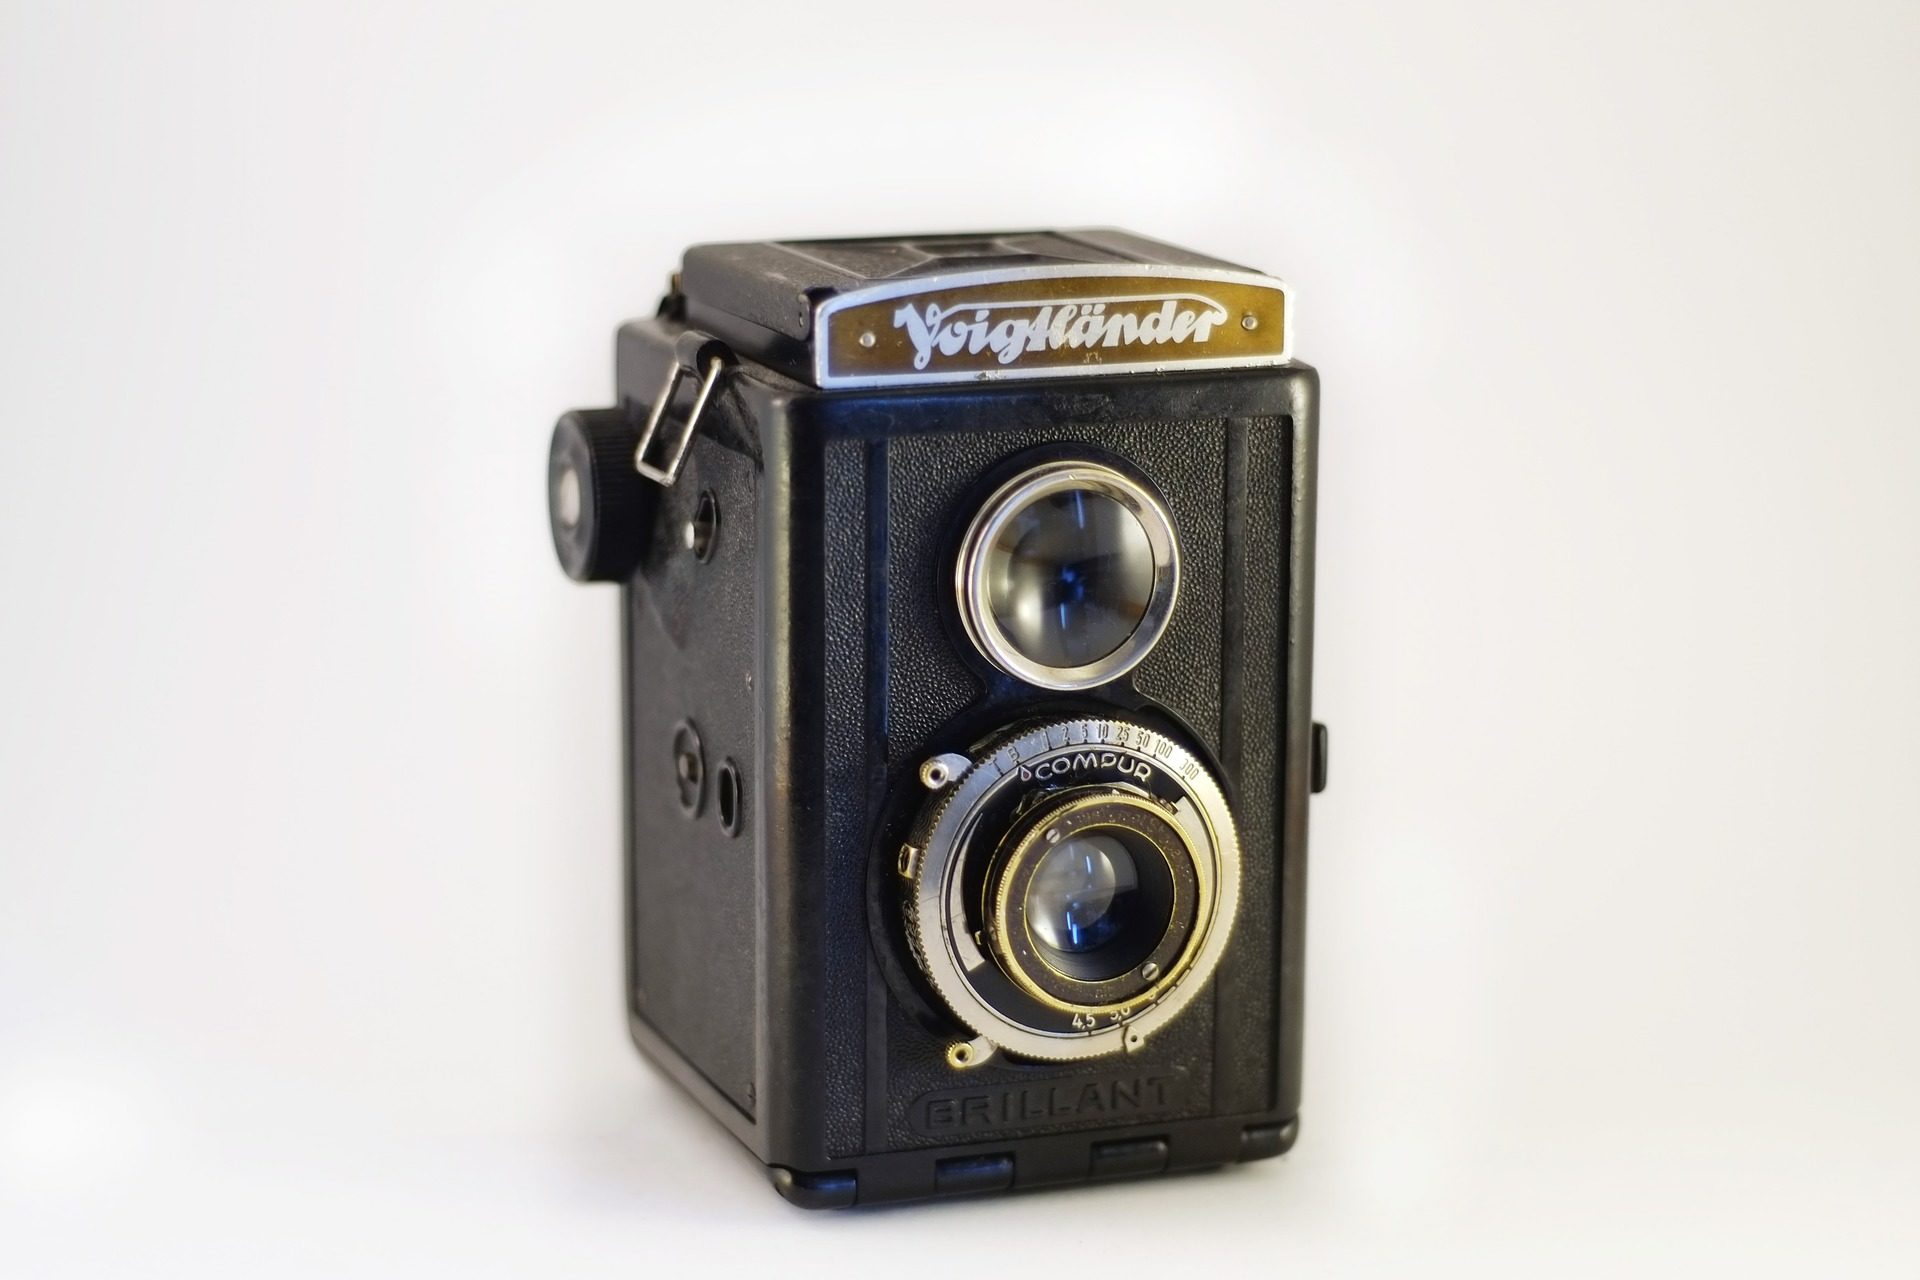 appareil photo, photographique, vieja, vieux, Vintage, Classique - Fonds d'écran HD - Professor-falken.com